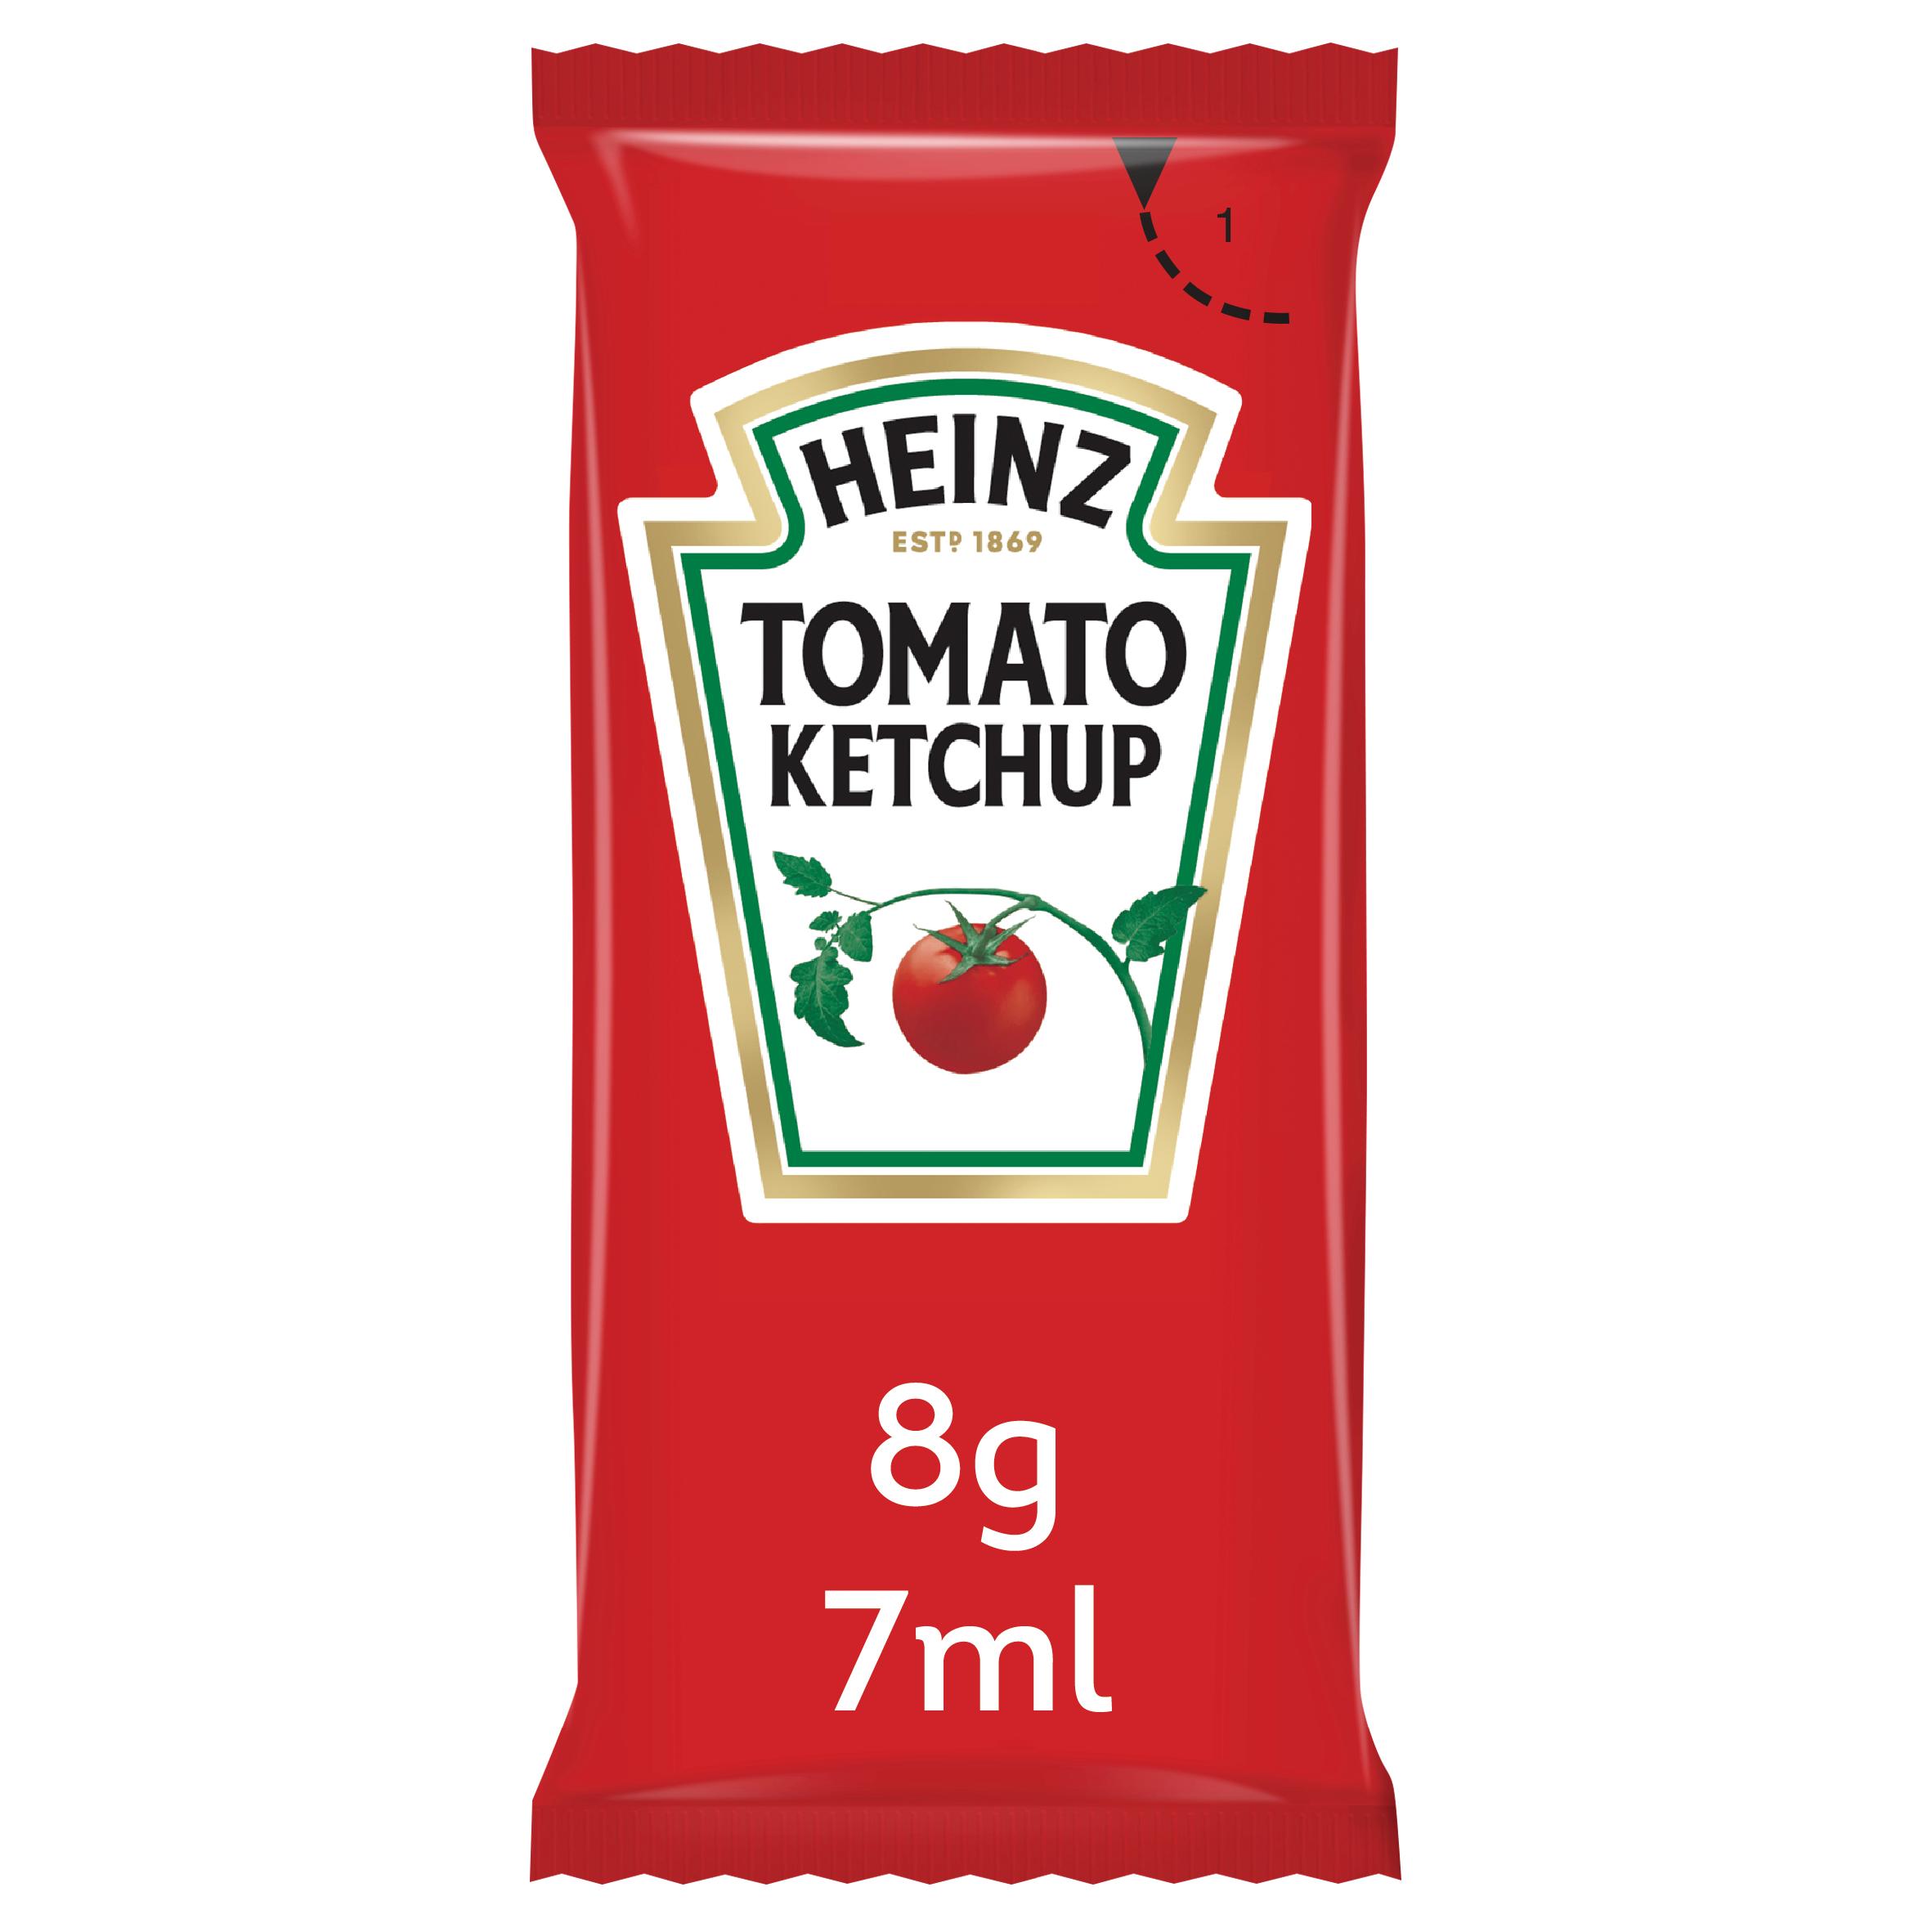 Heinz Tomato Ketchup 7ml Sachet image